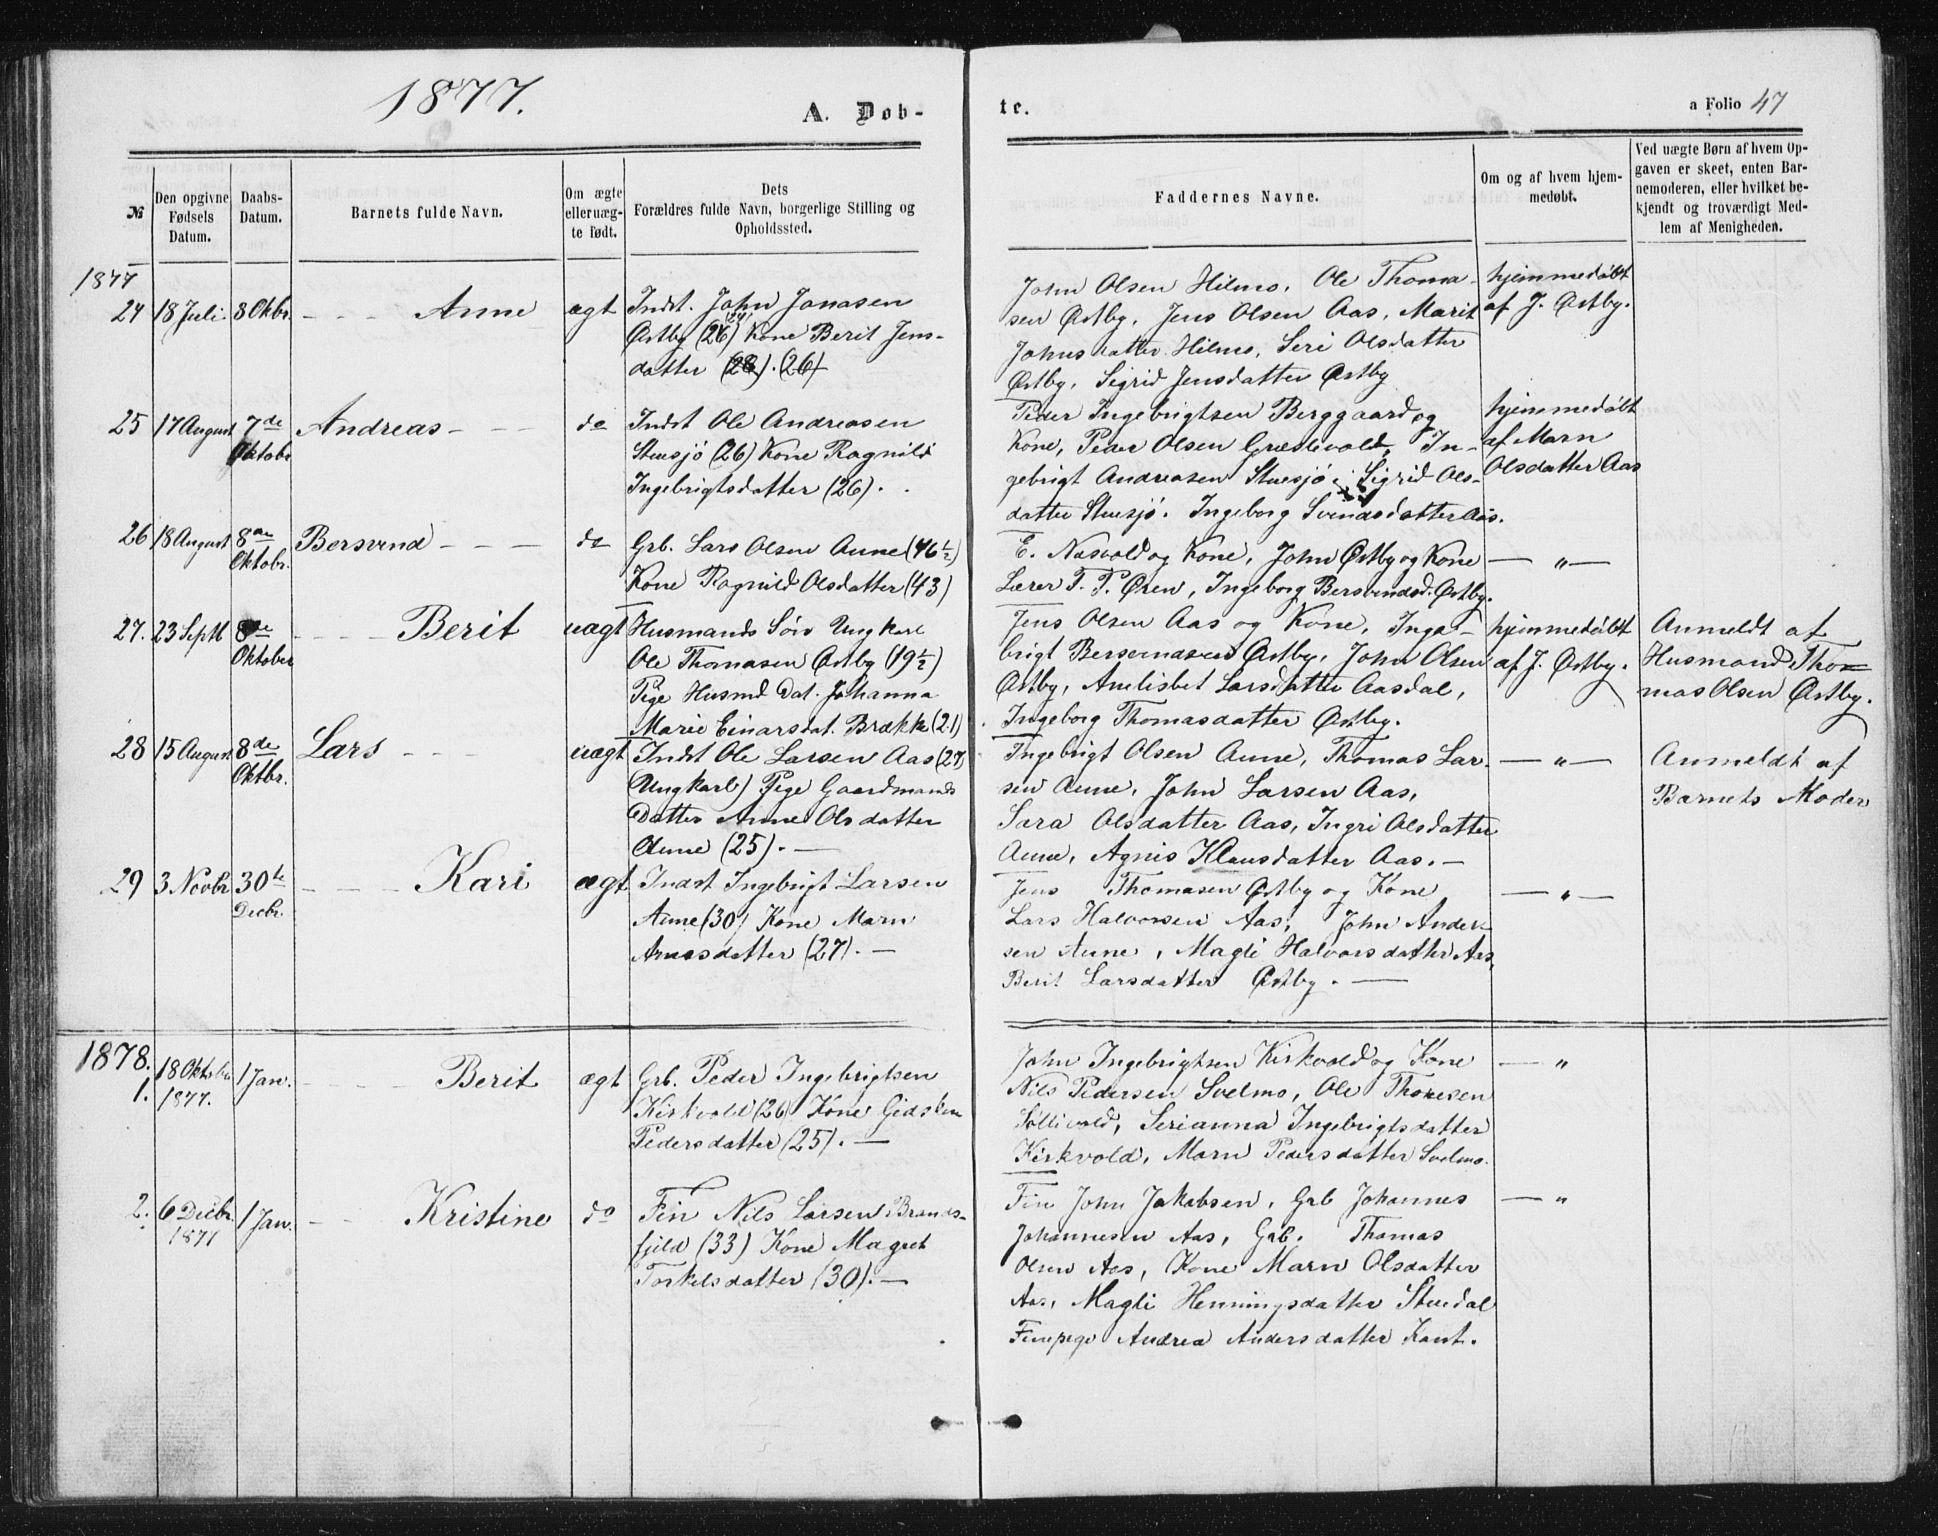 SAT, Ministerialprotokoller, klokkerbøker og fødselsregistre - Sør-Trøndelag, 698/L1166: Klokkerbok nr. 698C03, 1861-1887, s. 47